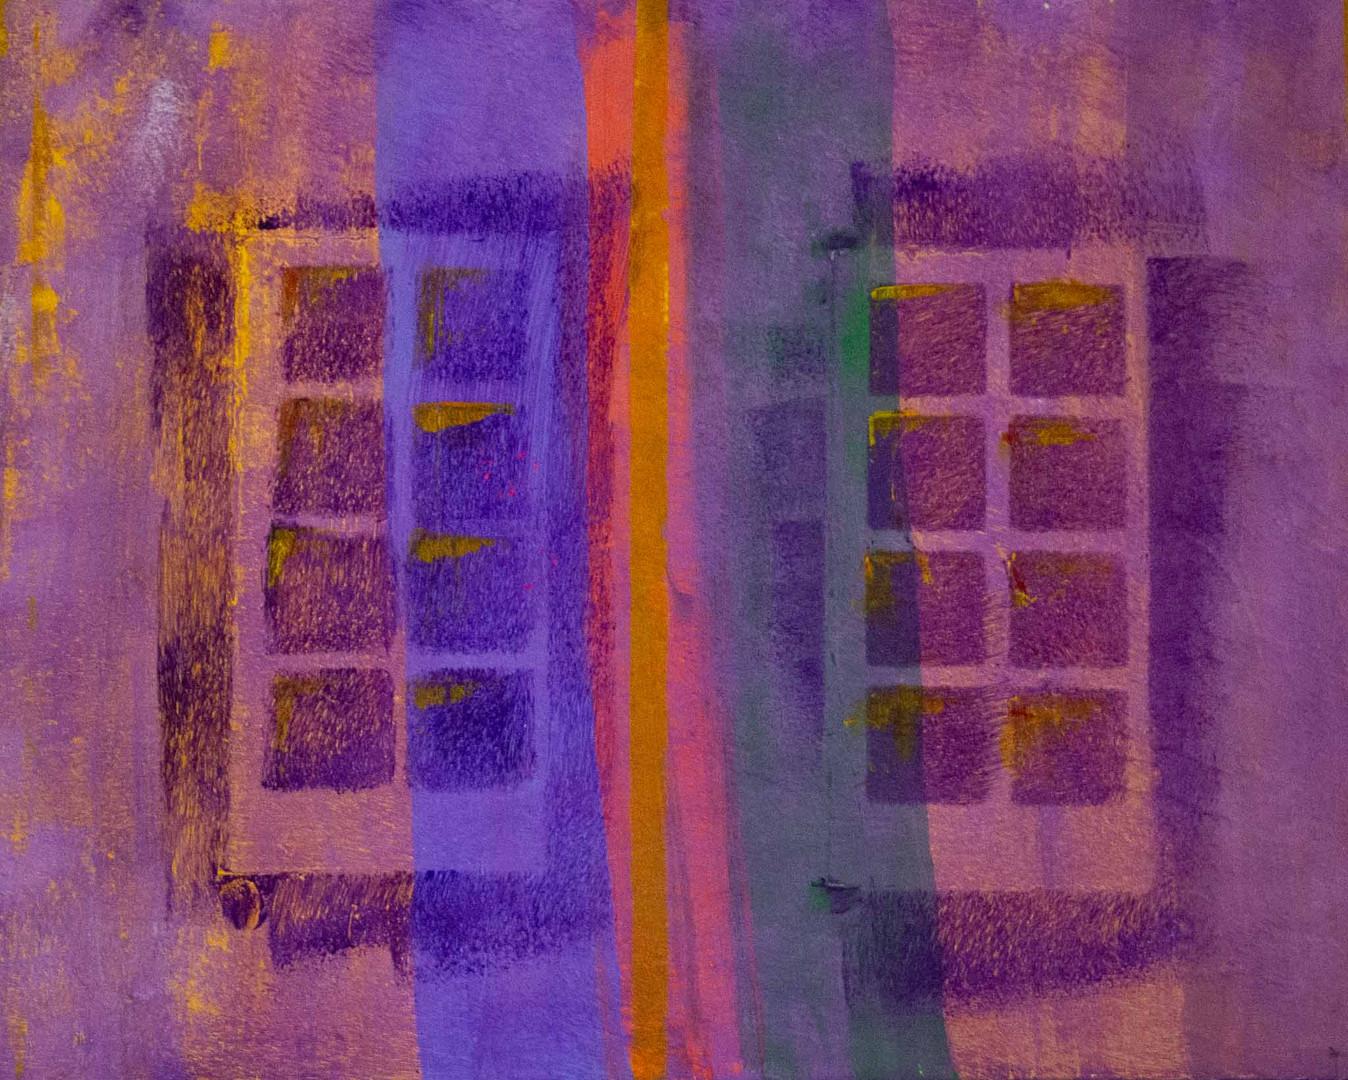 Chris Imbrie Older Paintings-4-2.jpg